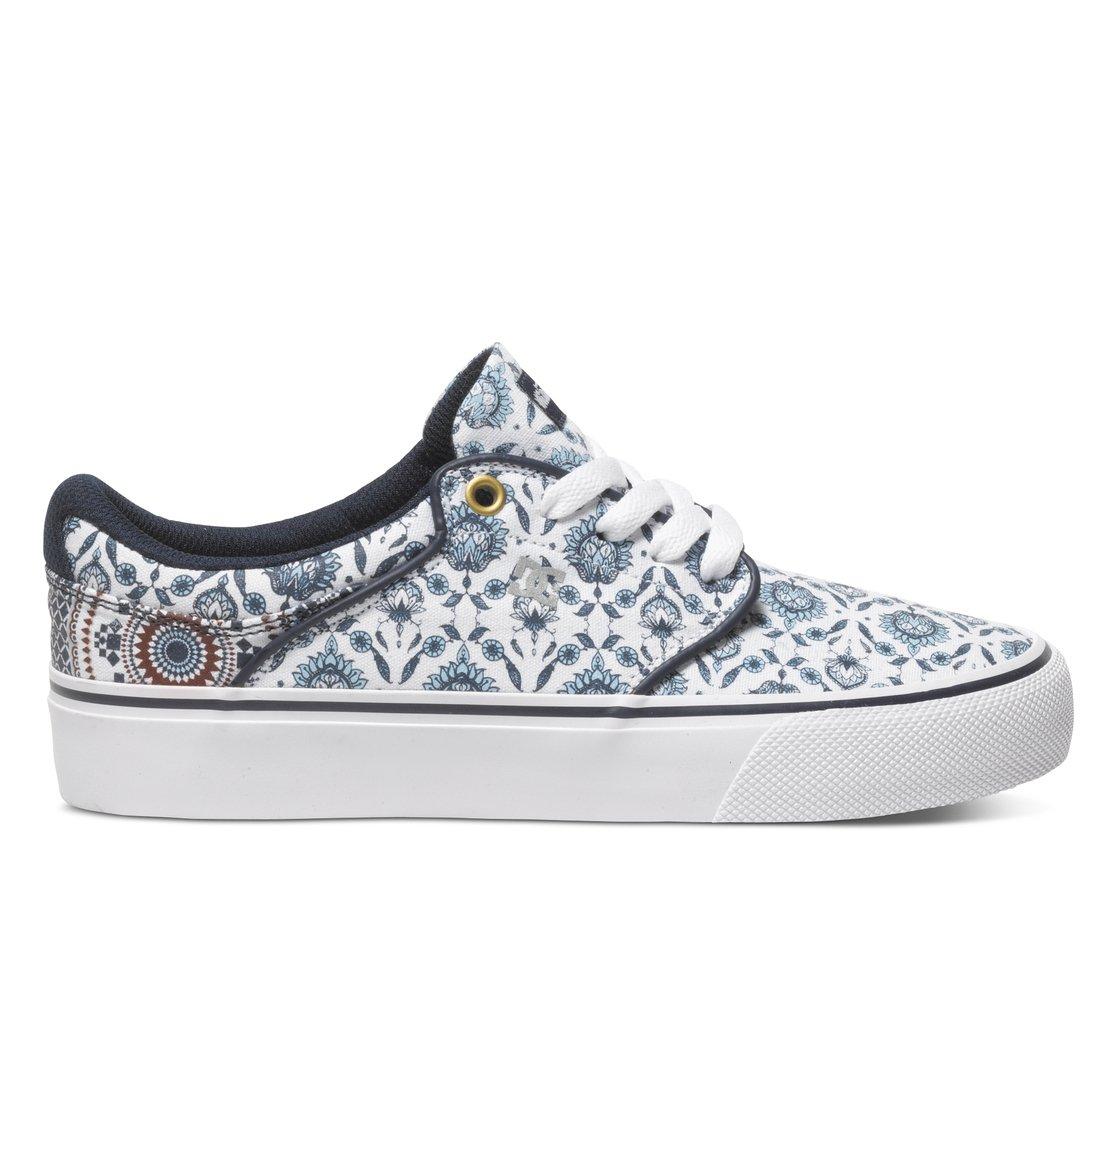 Здесь можно купить   Mikey Taylor Vulc SP Обувь для скейтборда